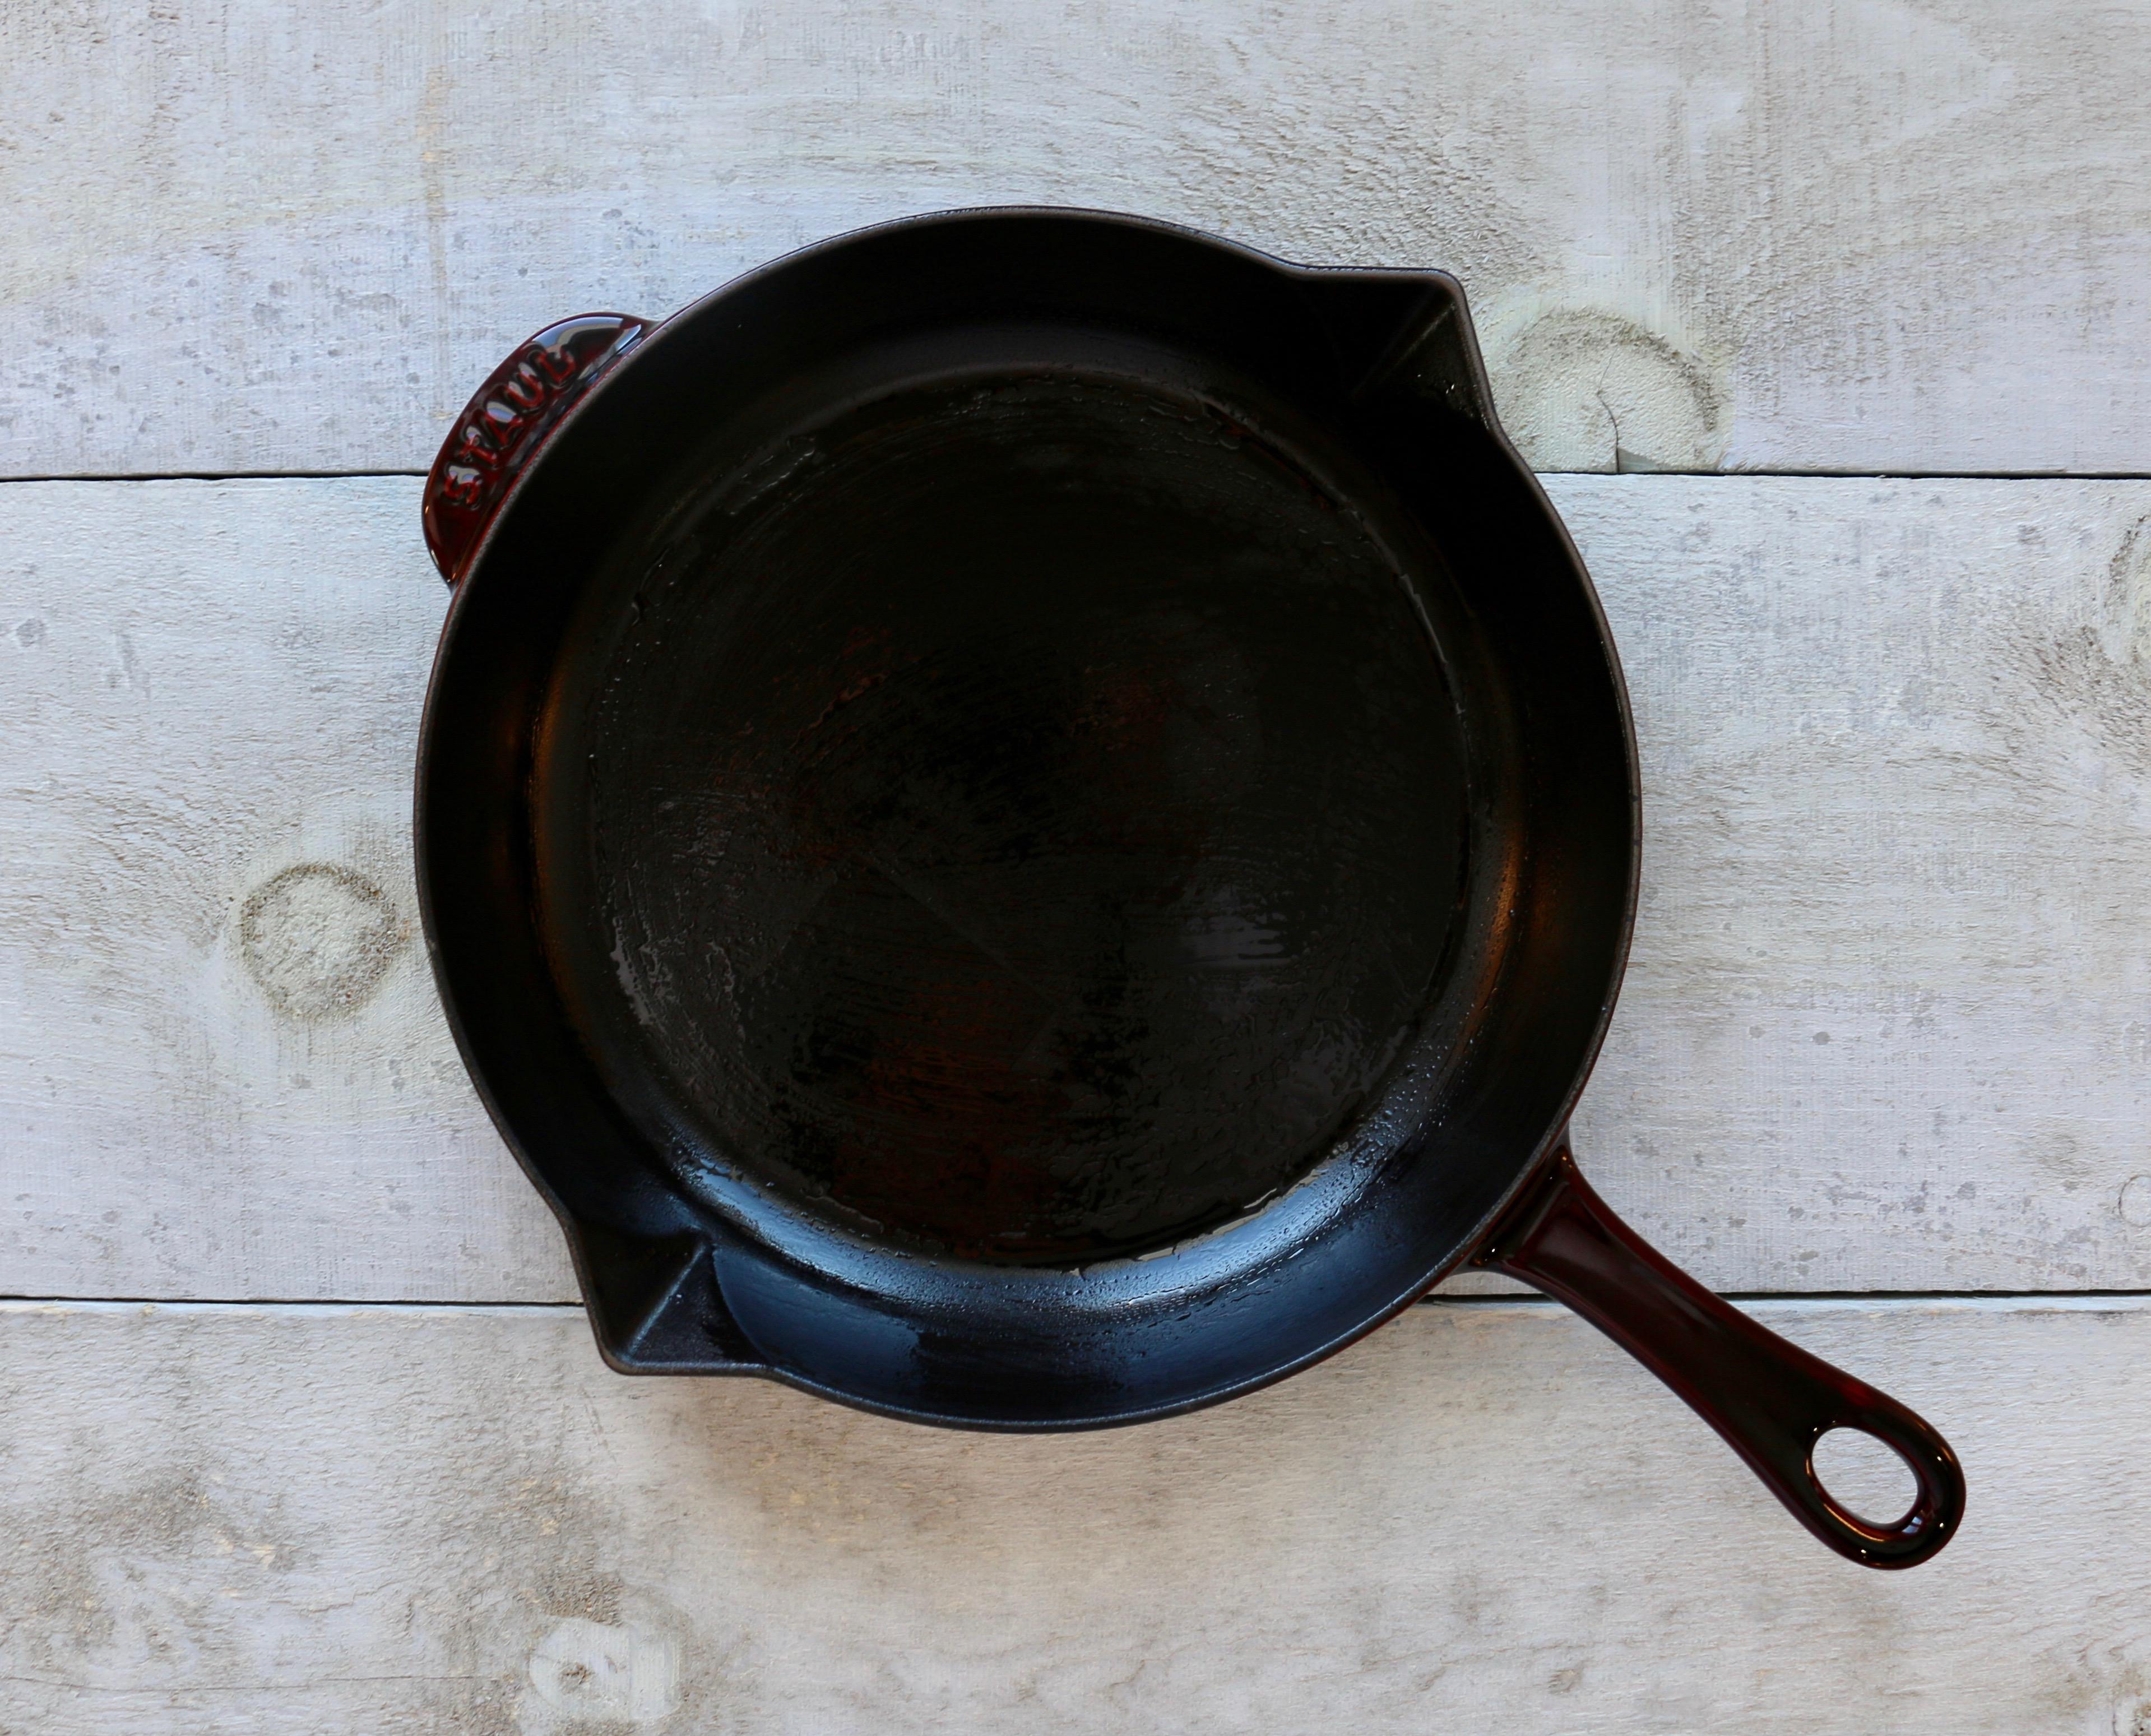 Biscuit au chocolat noir et pacanes dans une poêle en fonte